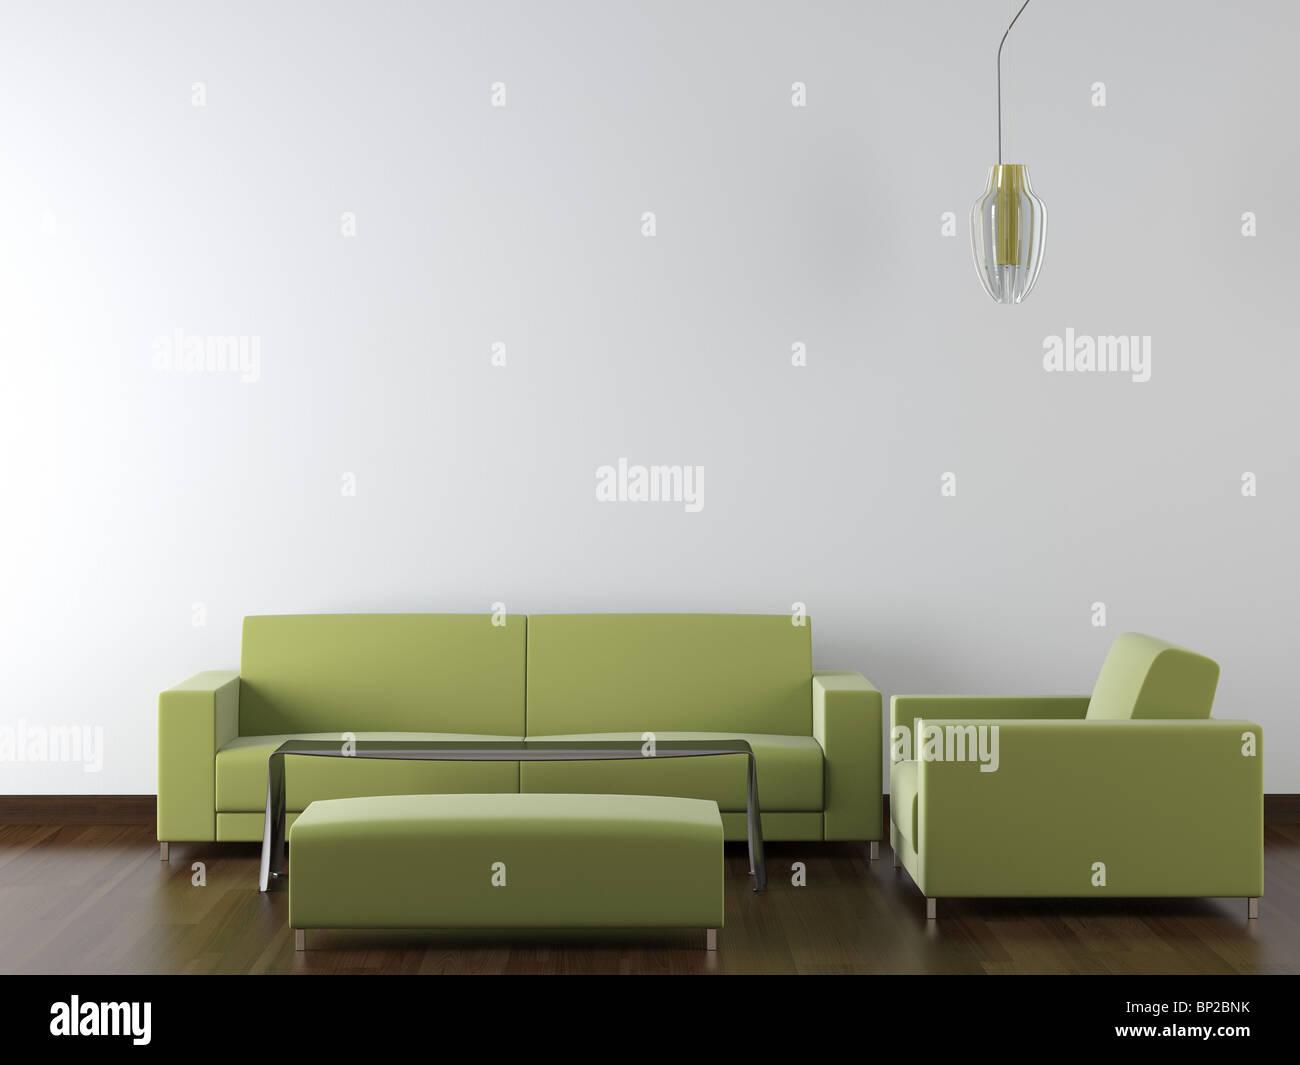 interior design of modern green living room furniture against white ...